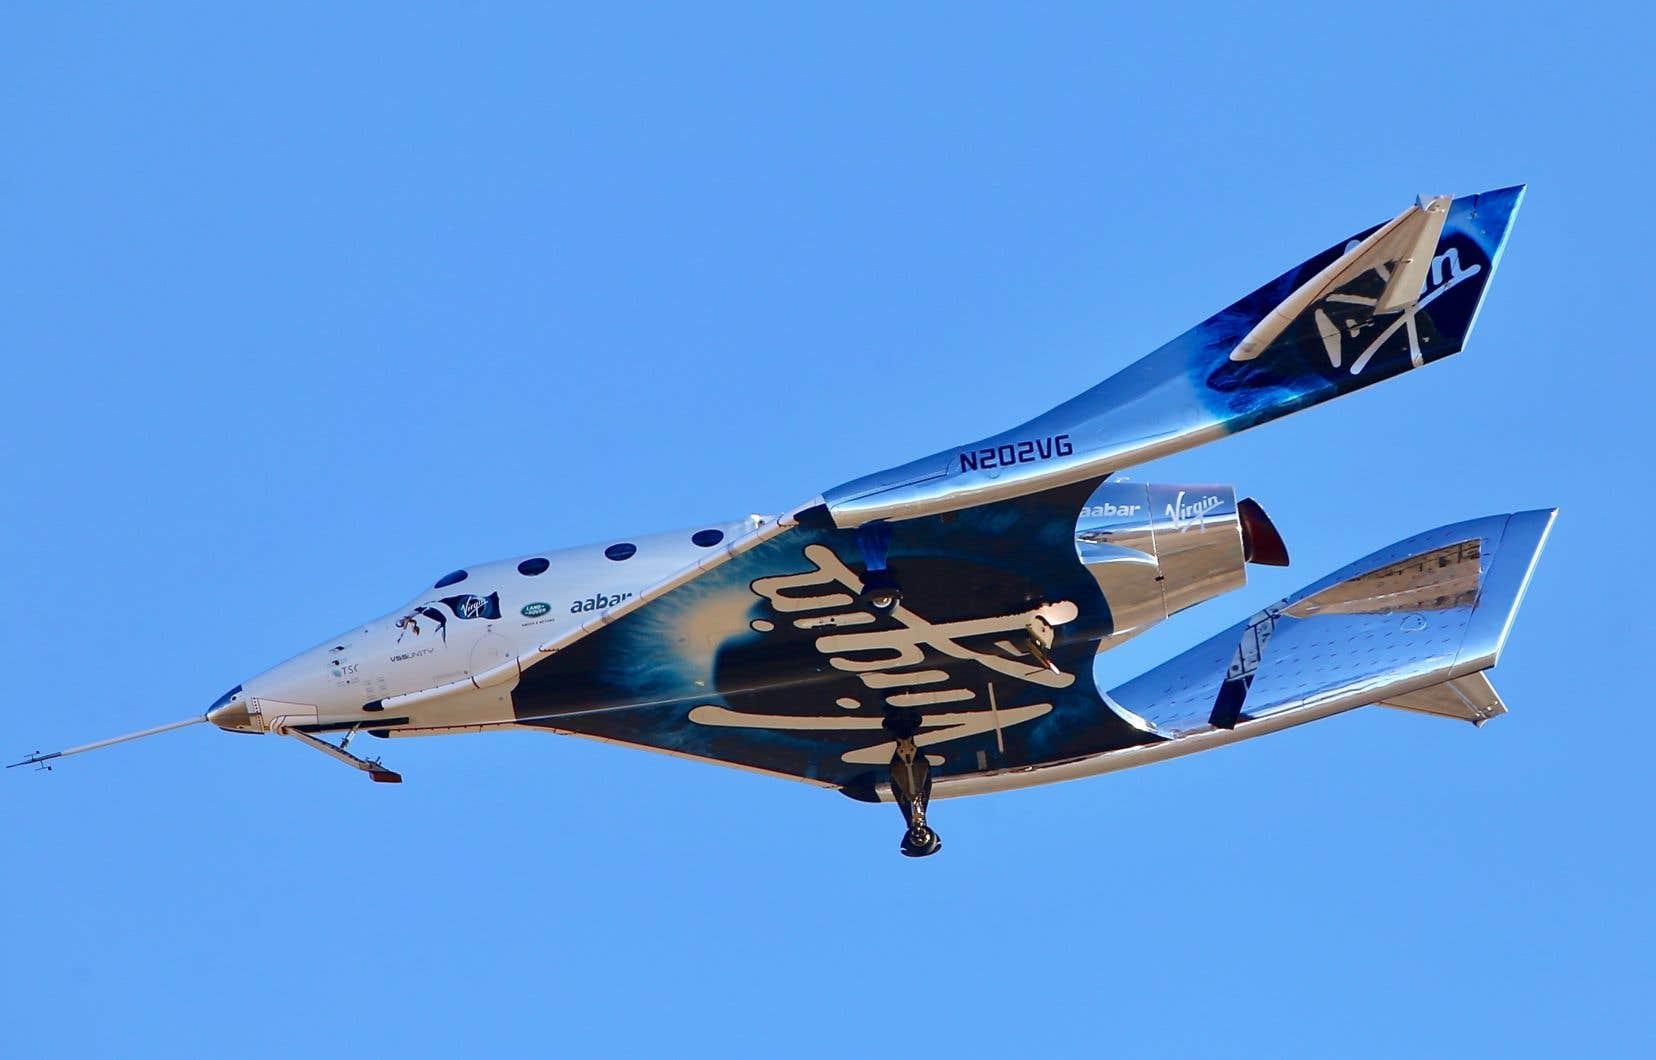 <p>L'engin spatial avec deux pilotes d'essai aux commandes est rapidement monté en flèche et hors de la vue des spectateurs au sol.</p>